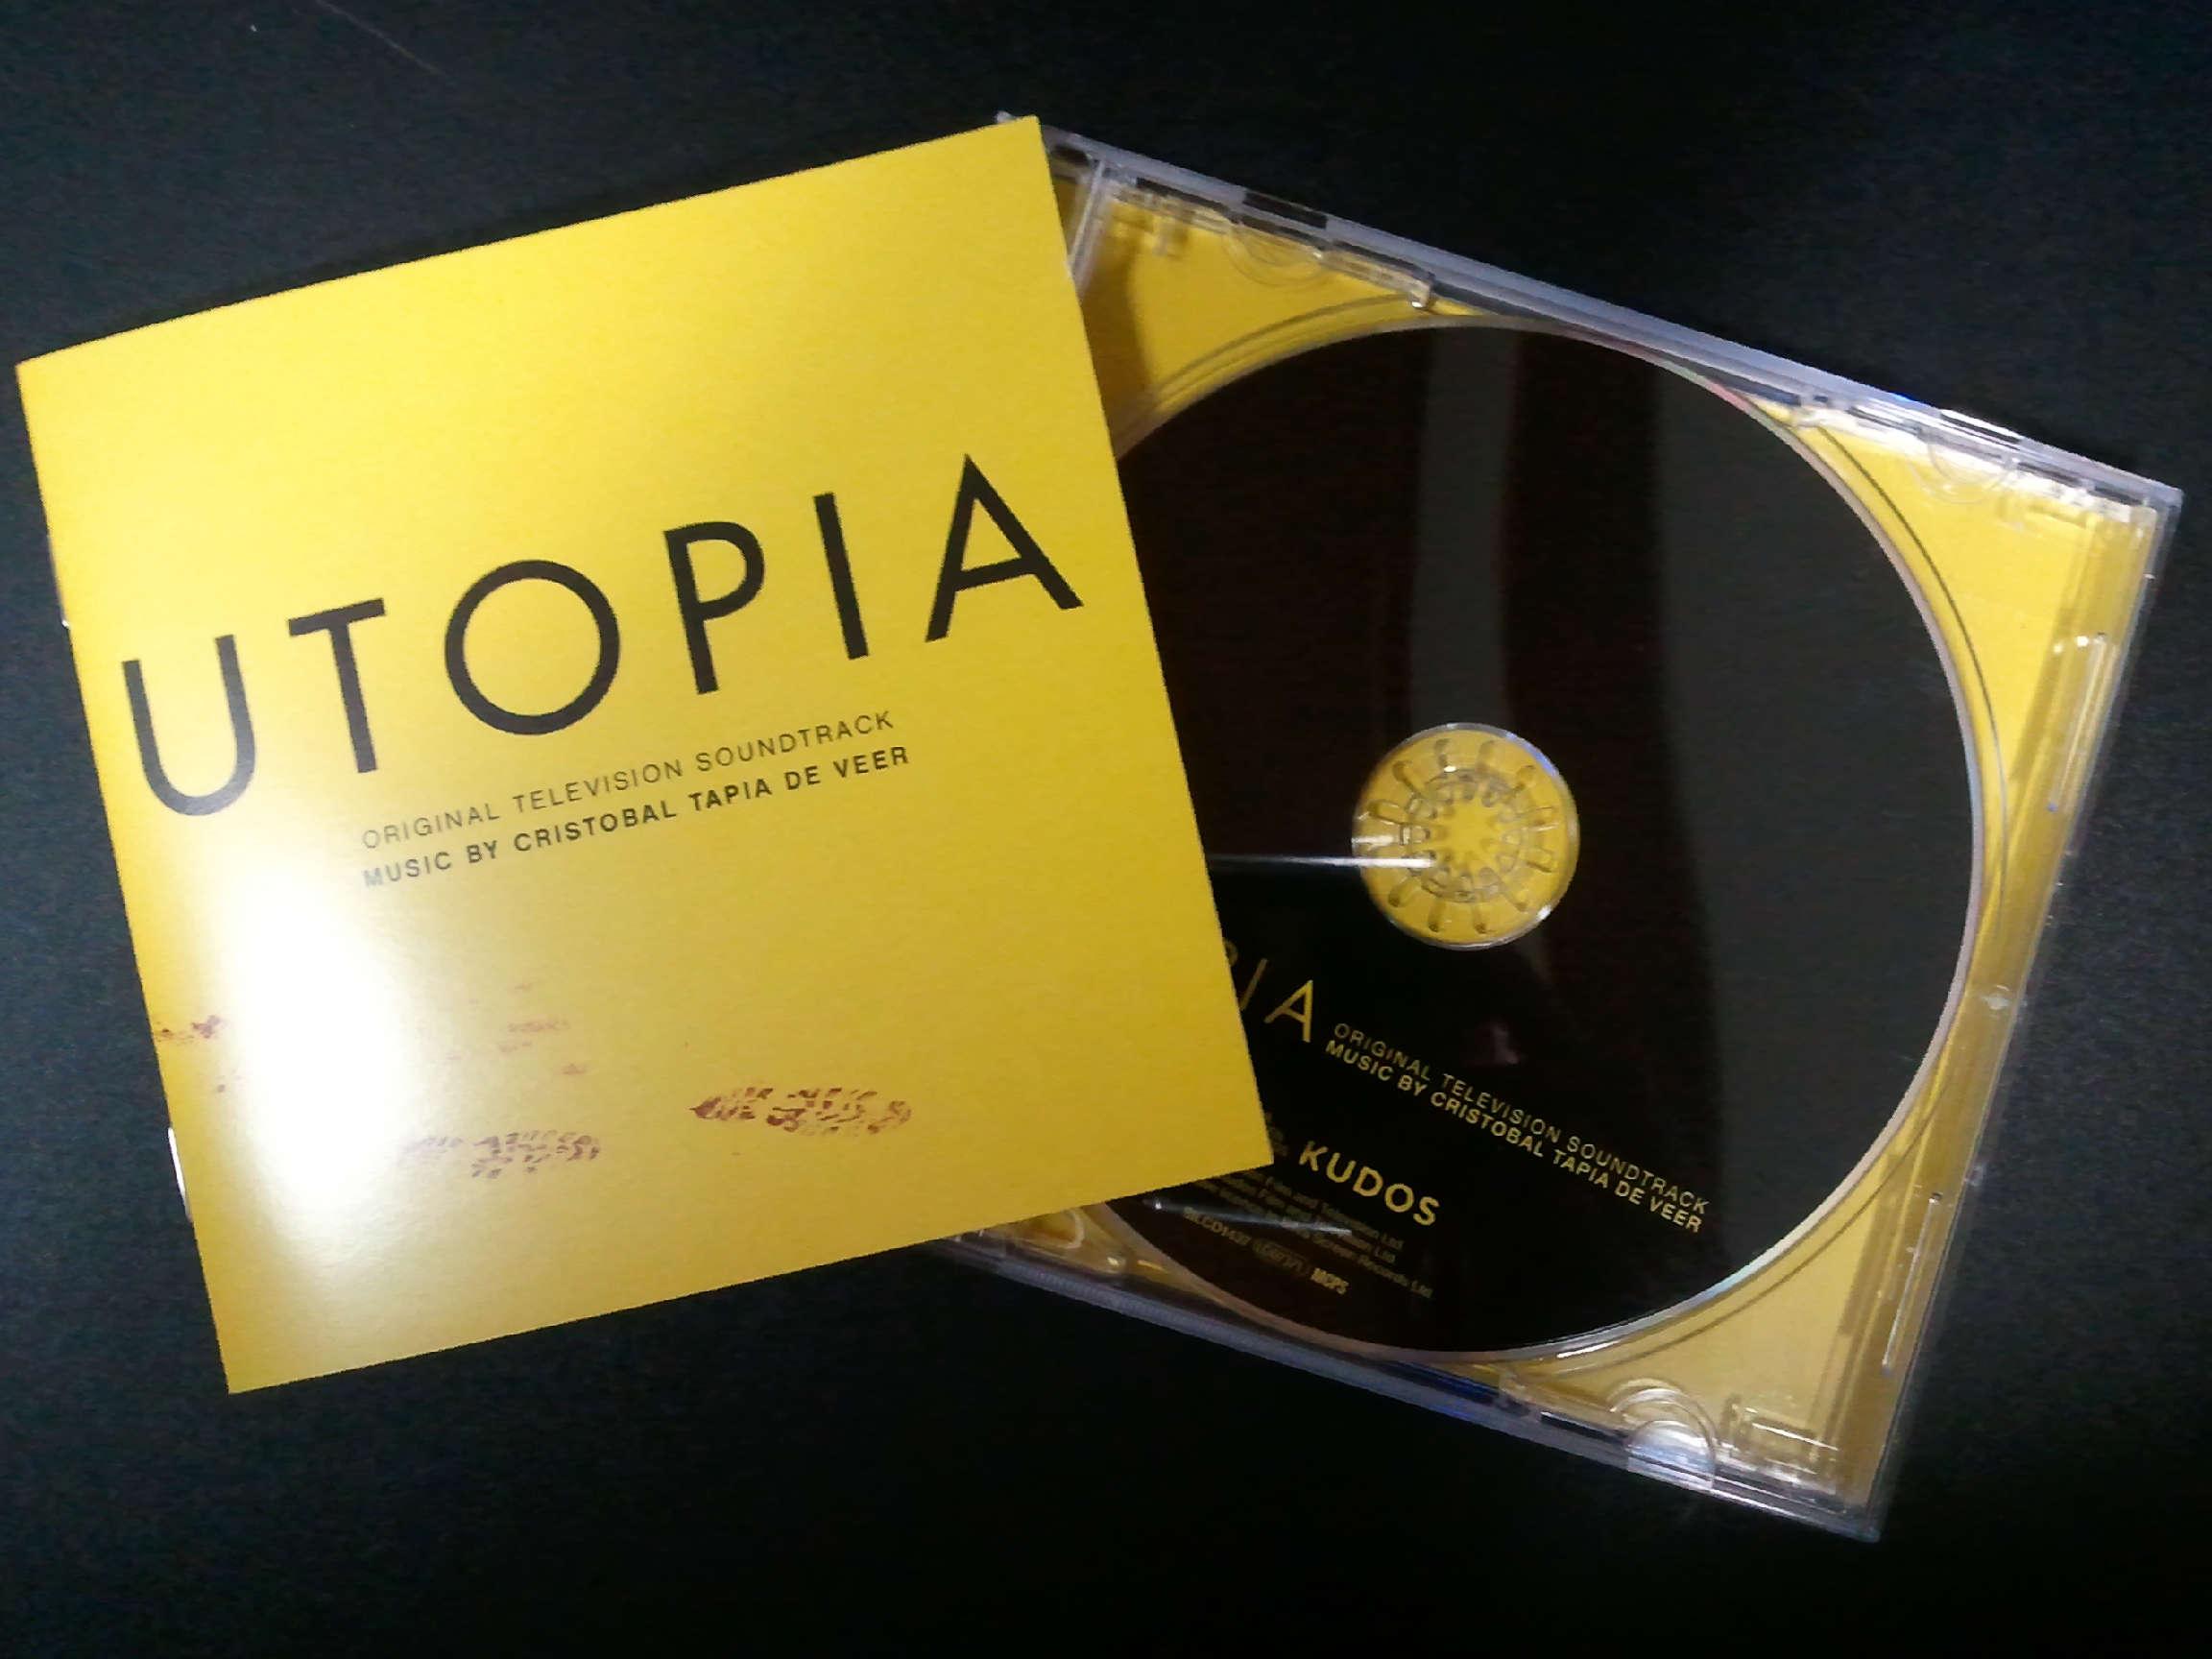 UTOPIA Soundtrack